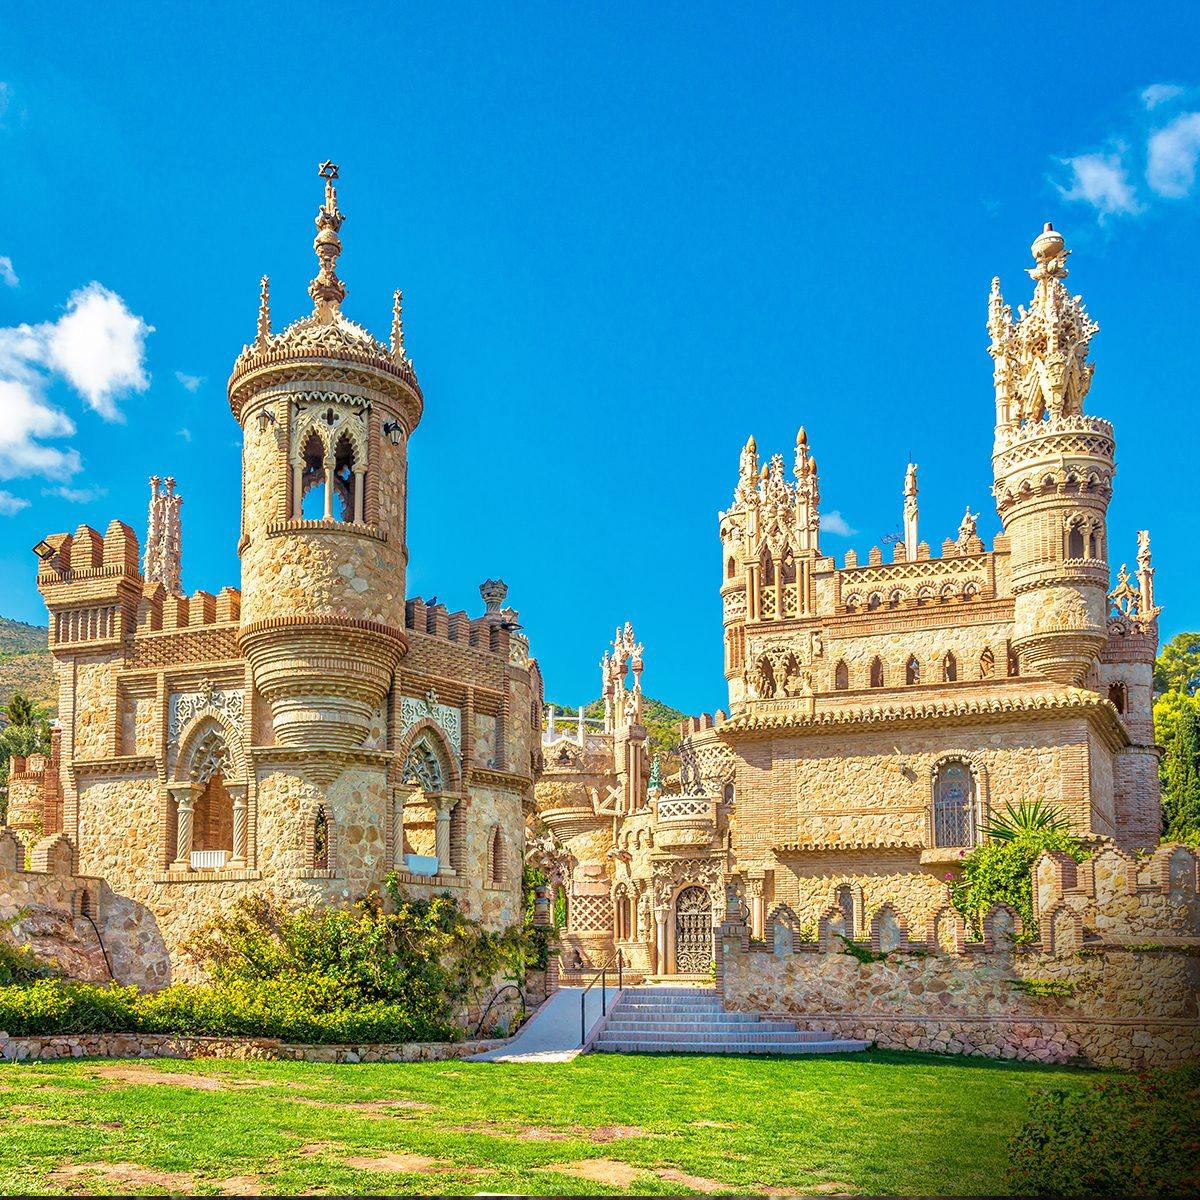 Достопримечательности Испании. Замок Коломарес